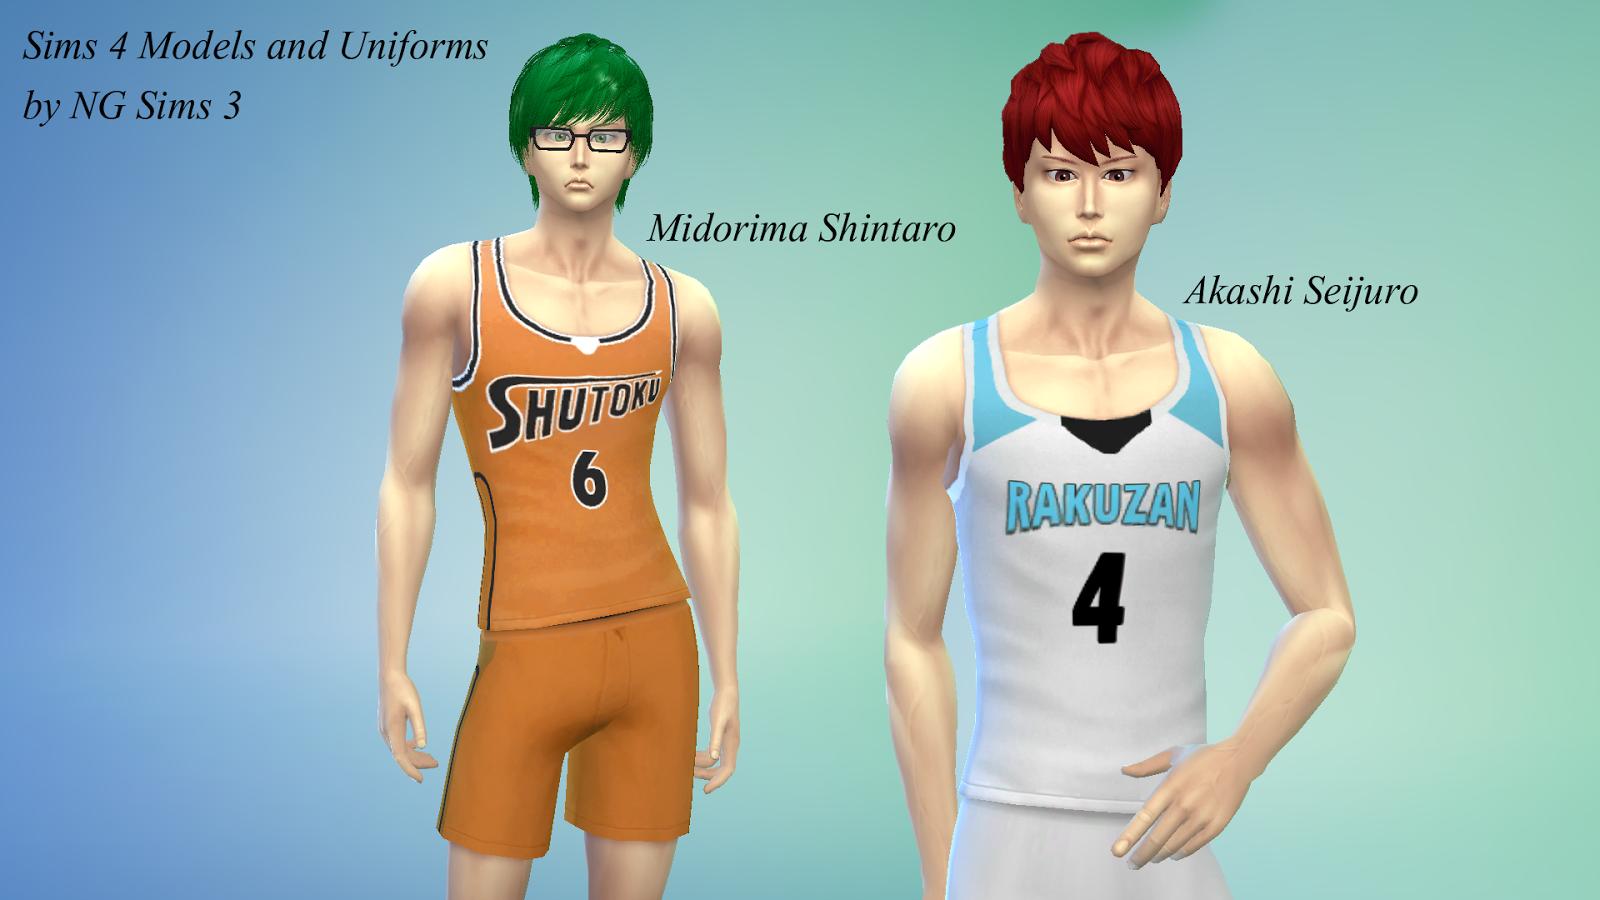 Sims 4 Anime Characters : Ng sims akashi midorima models uniforms